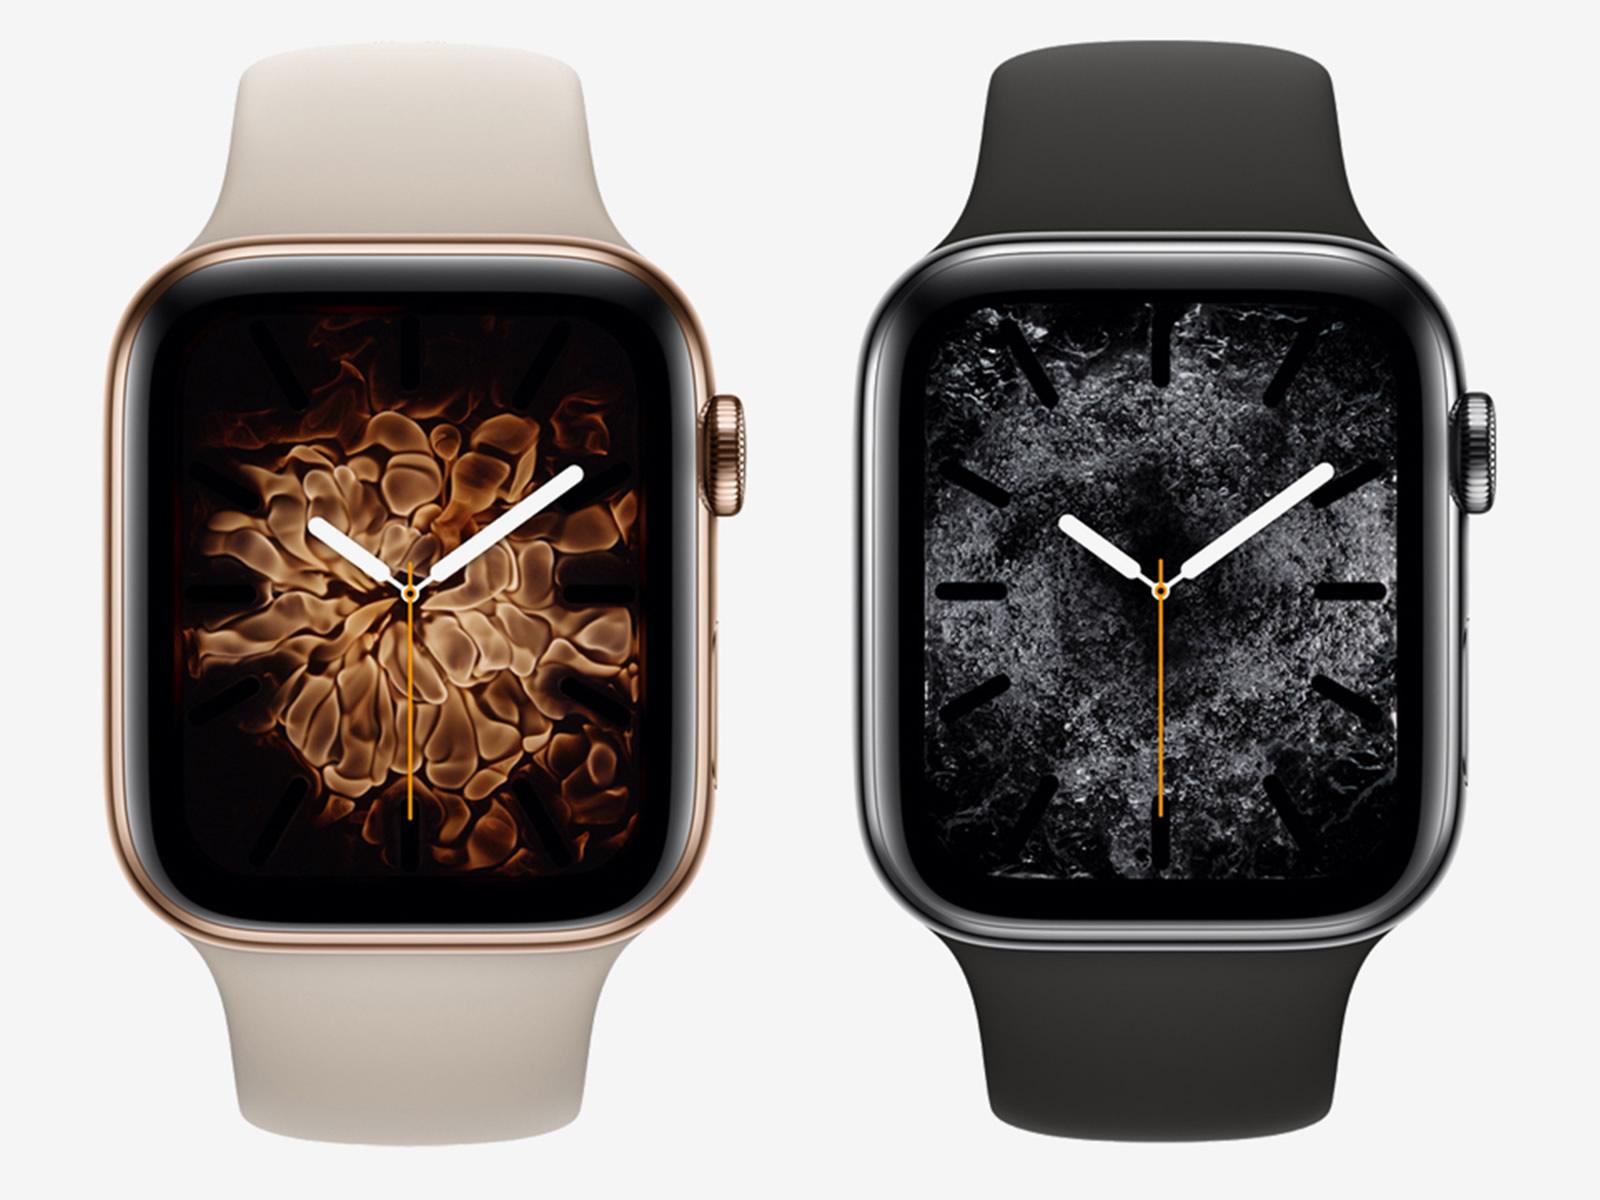 apple-watch-series-4-6-.jpg